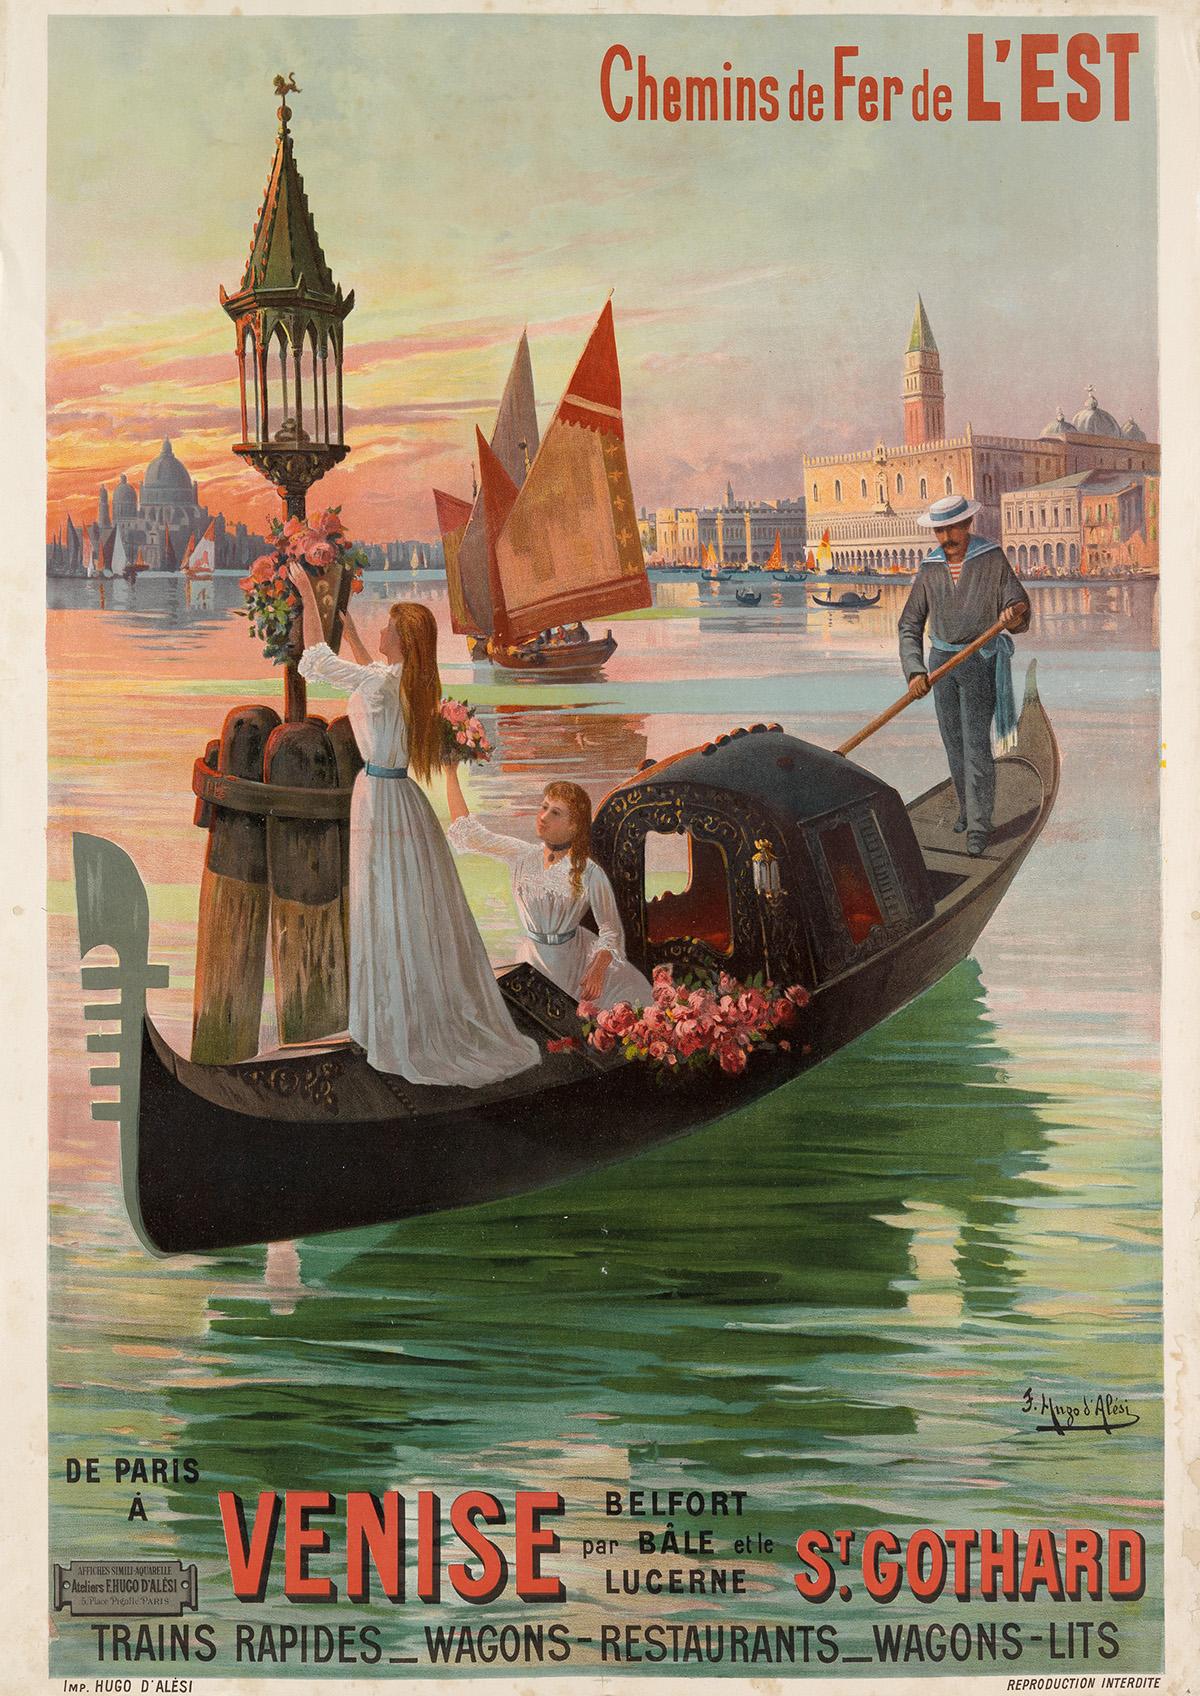 F-HUGO-DALÉSI-(1849-1906)-CHEMINS-DE-FER-DE-LEST--VENISE-189